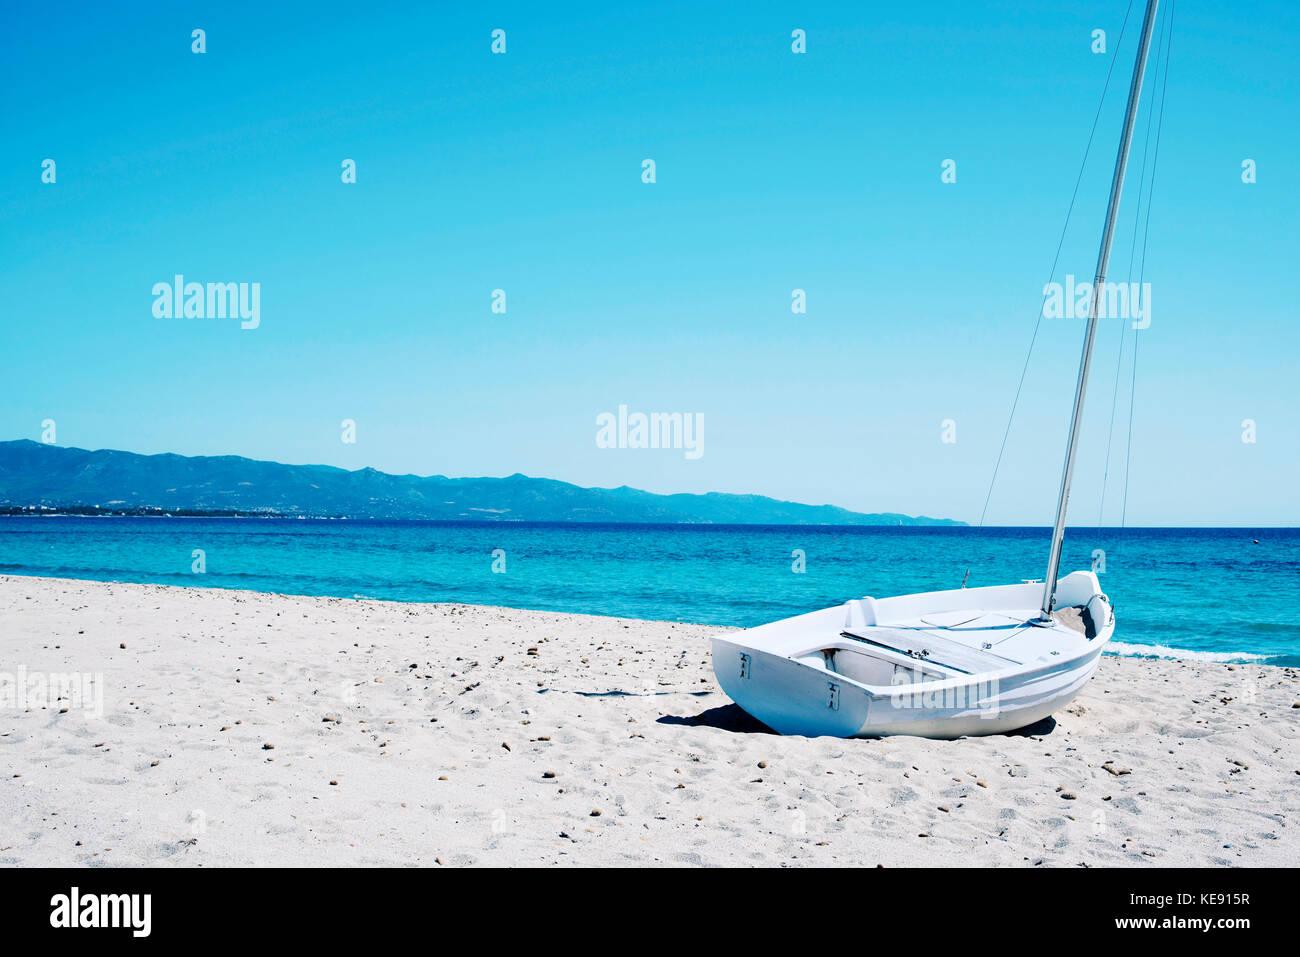 a sailboat stranded in the white sand of the Spiaggia del Poetto beach in Cagliari, Sardinia, Italy - Stock Image